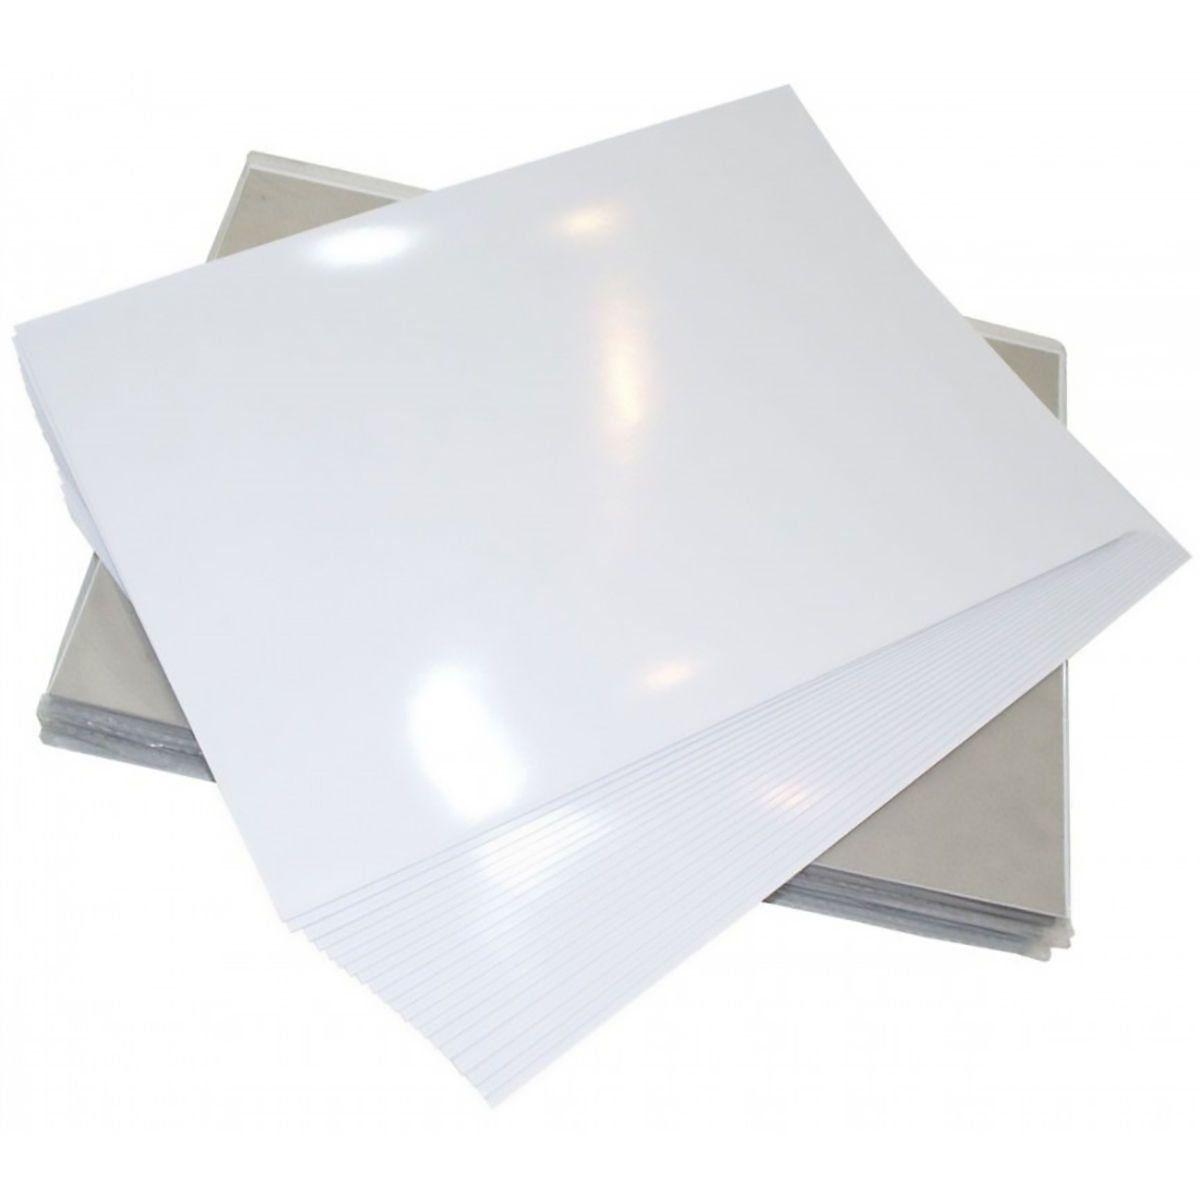 Papel Fotográfico A4 230g Glossy Branco Brilhante Resistente à Água / 300 folhas